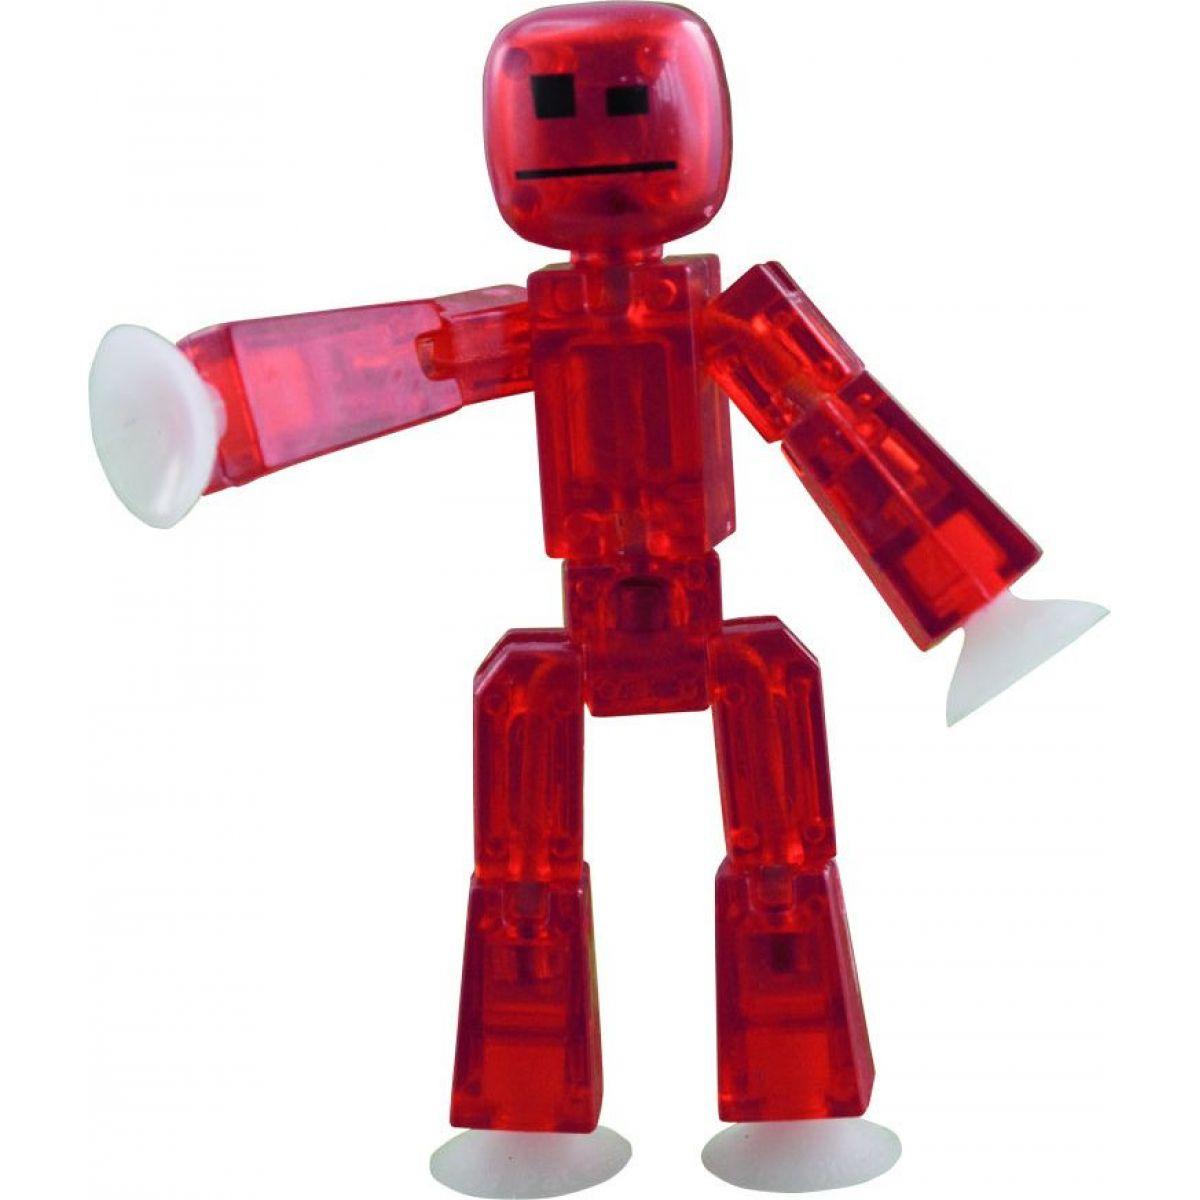 EP Line Stikbot Animák figurka - Červená